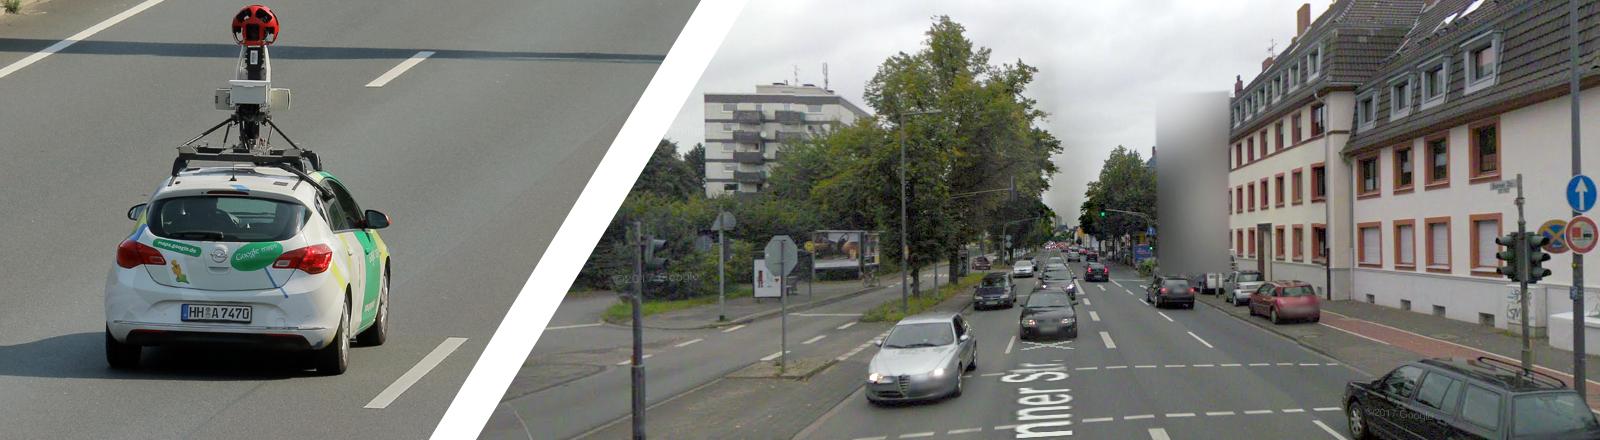 Screenshot einer Straße in Köln via Google Street View. Man sieht eine unkenntlich gemachte Hausfassade